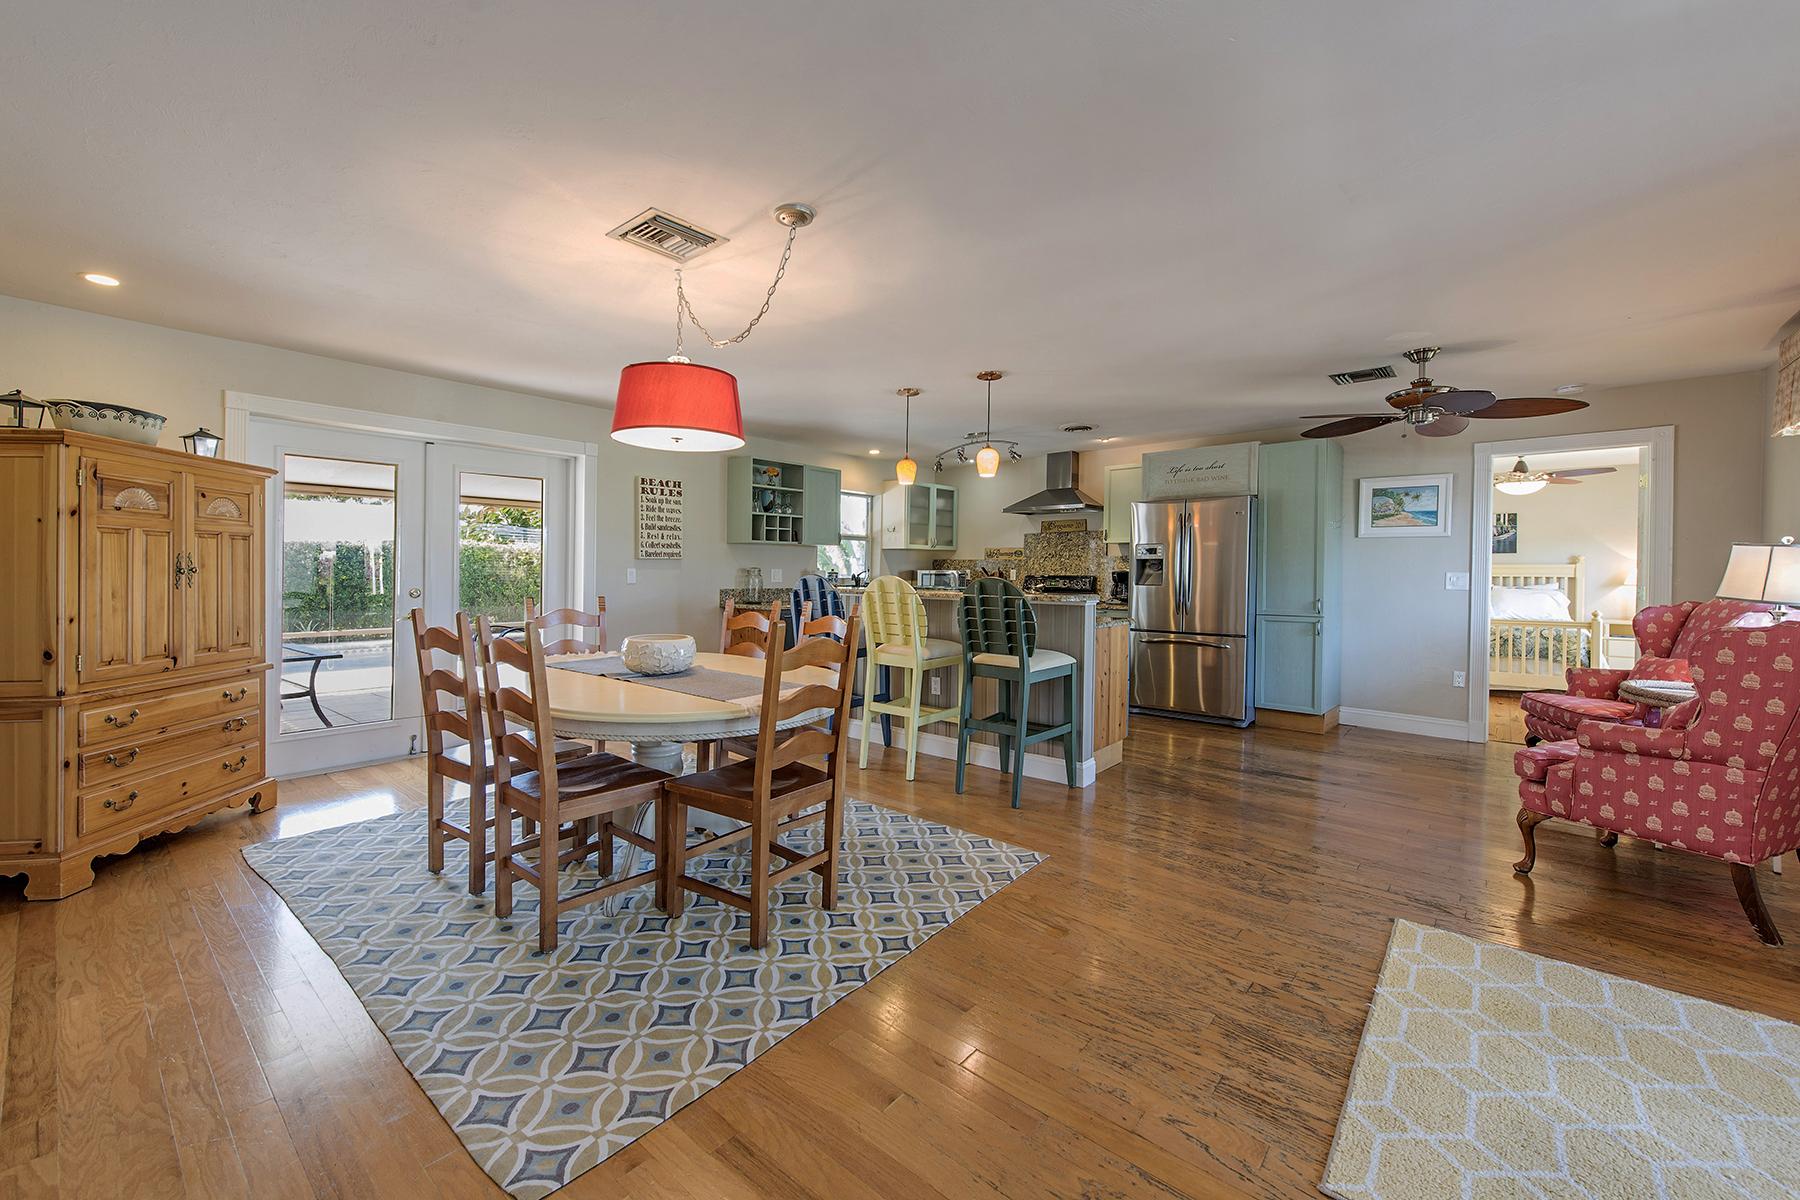 独户住宅 为 销售 在 NAPLES PARK 699 99th Ave N 那不勒斯, 佛罗里达州, 34108 美国